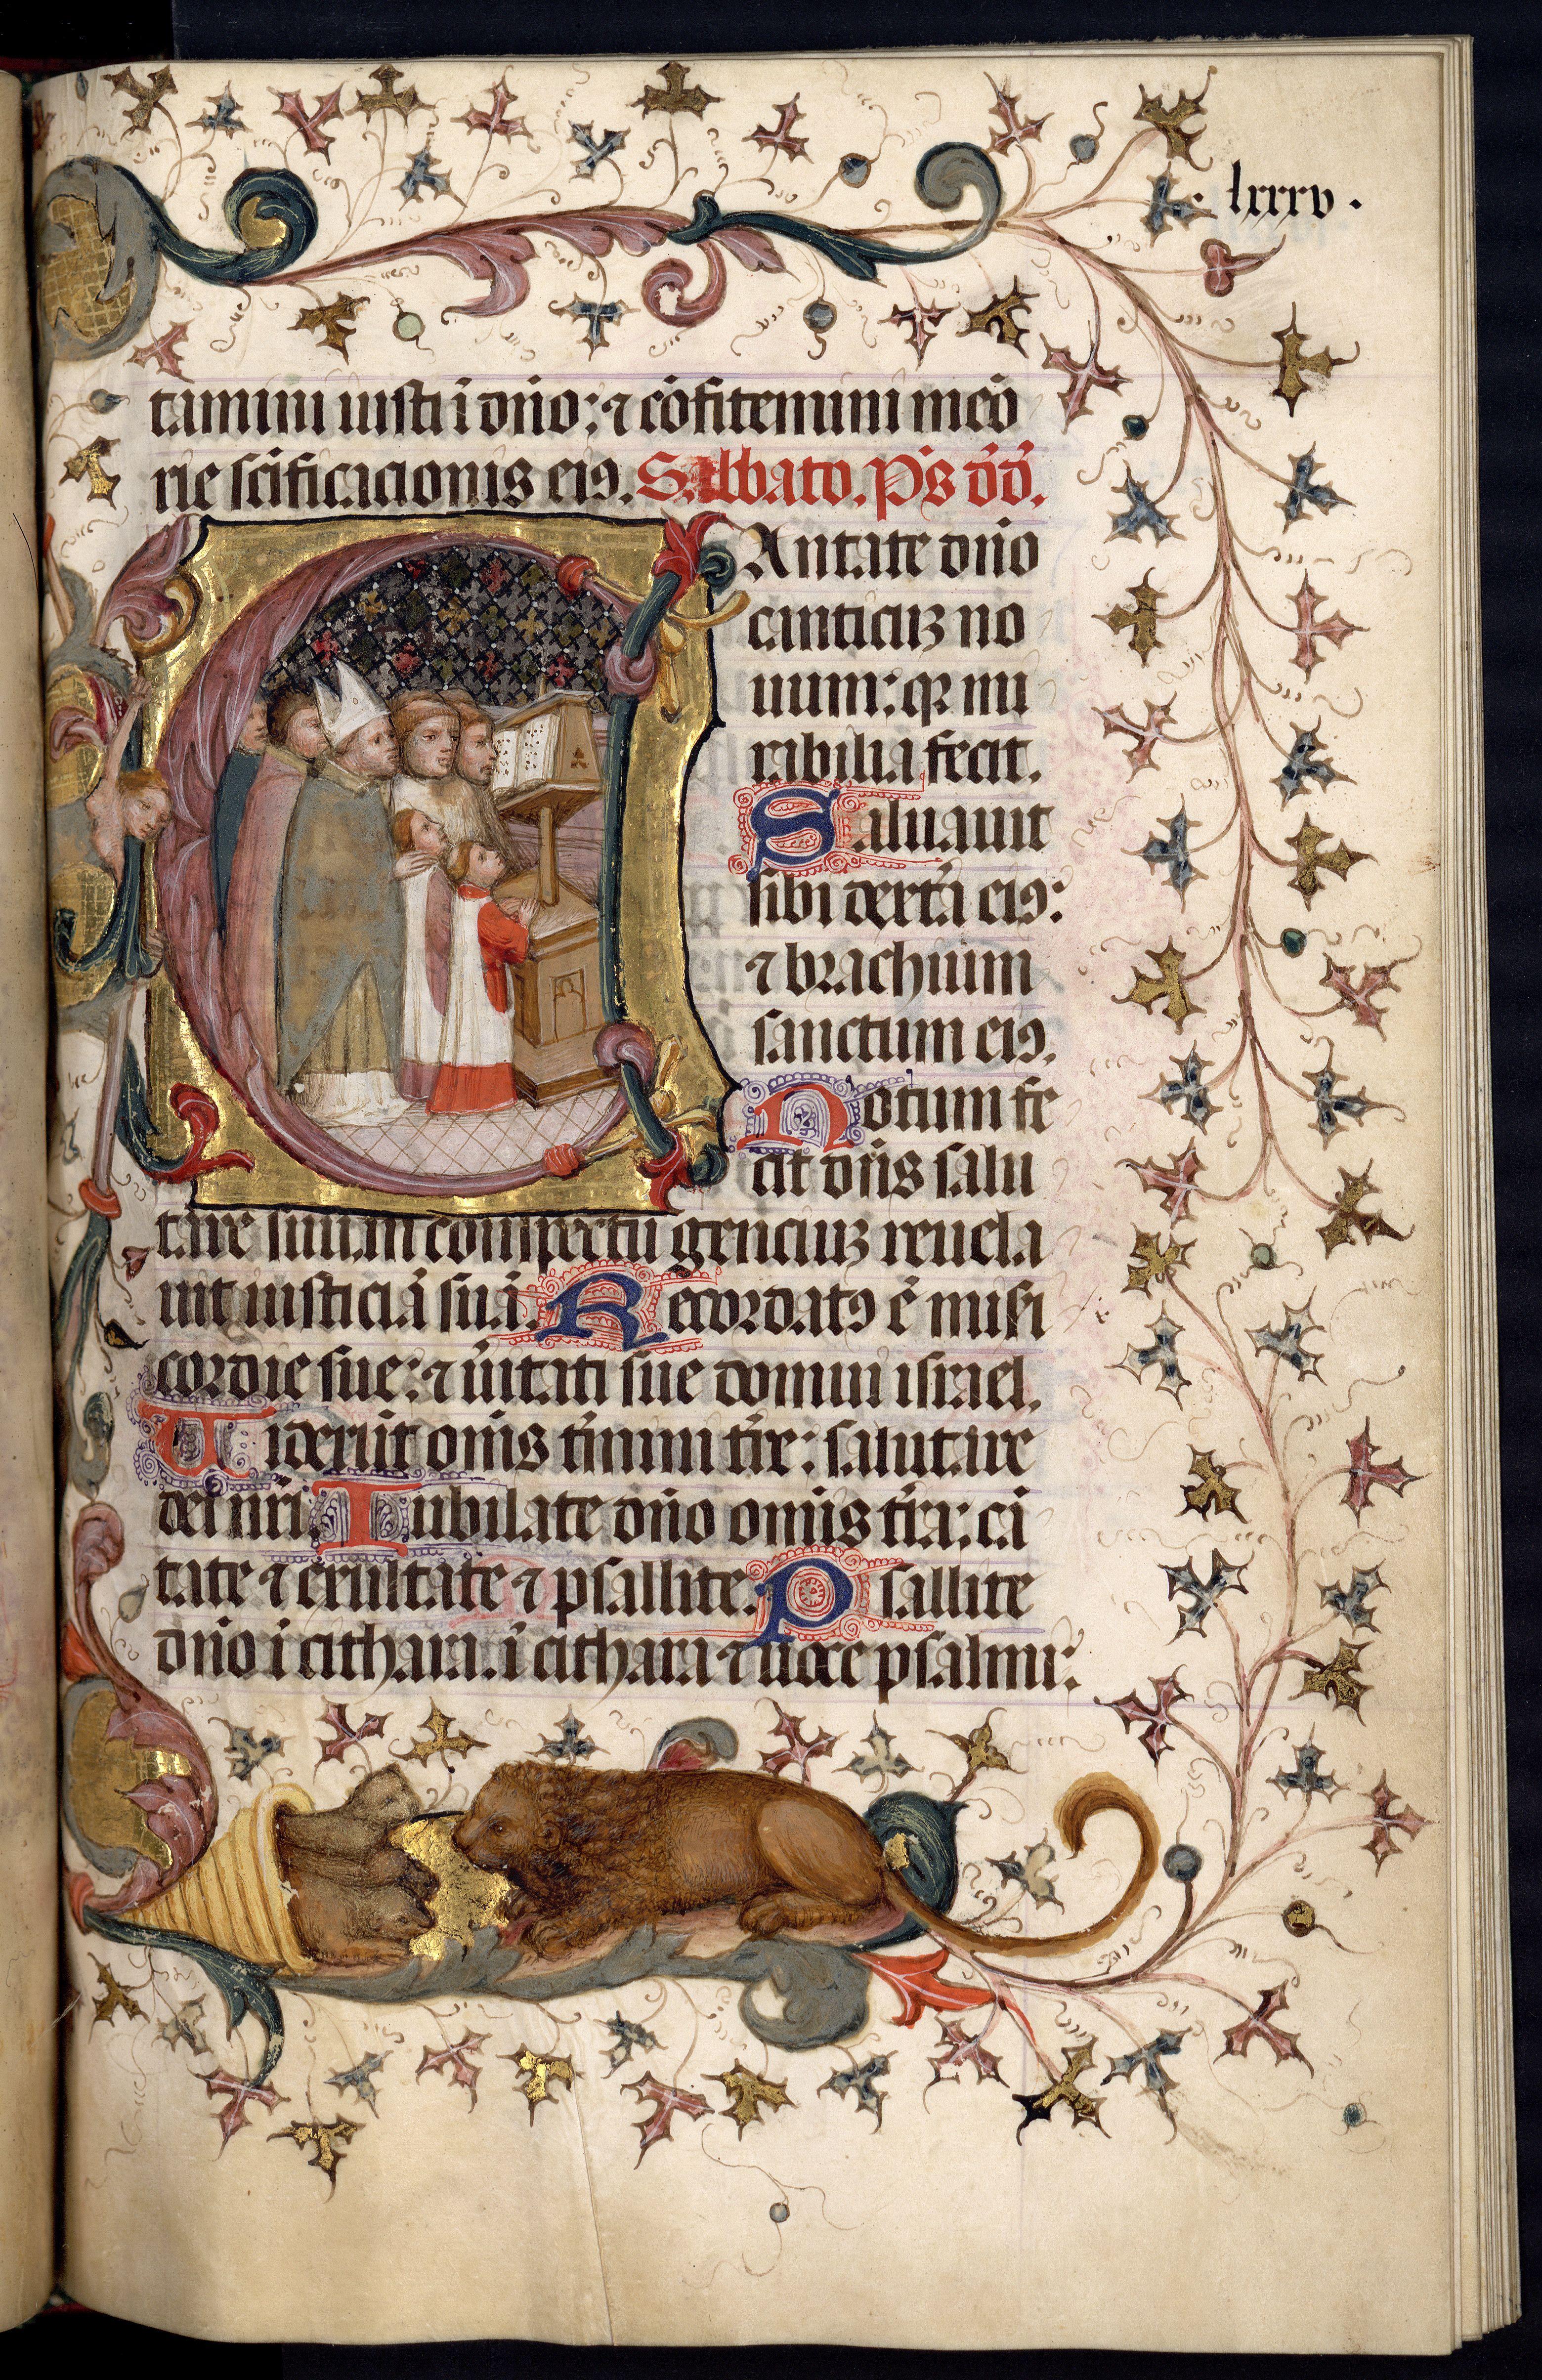 Moble faristol de fusta. Llibre d'hores il•lustrat per Pere Martorell, f.85r. AHCB4-236/C06-a398